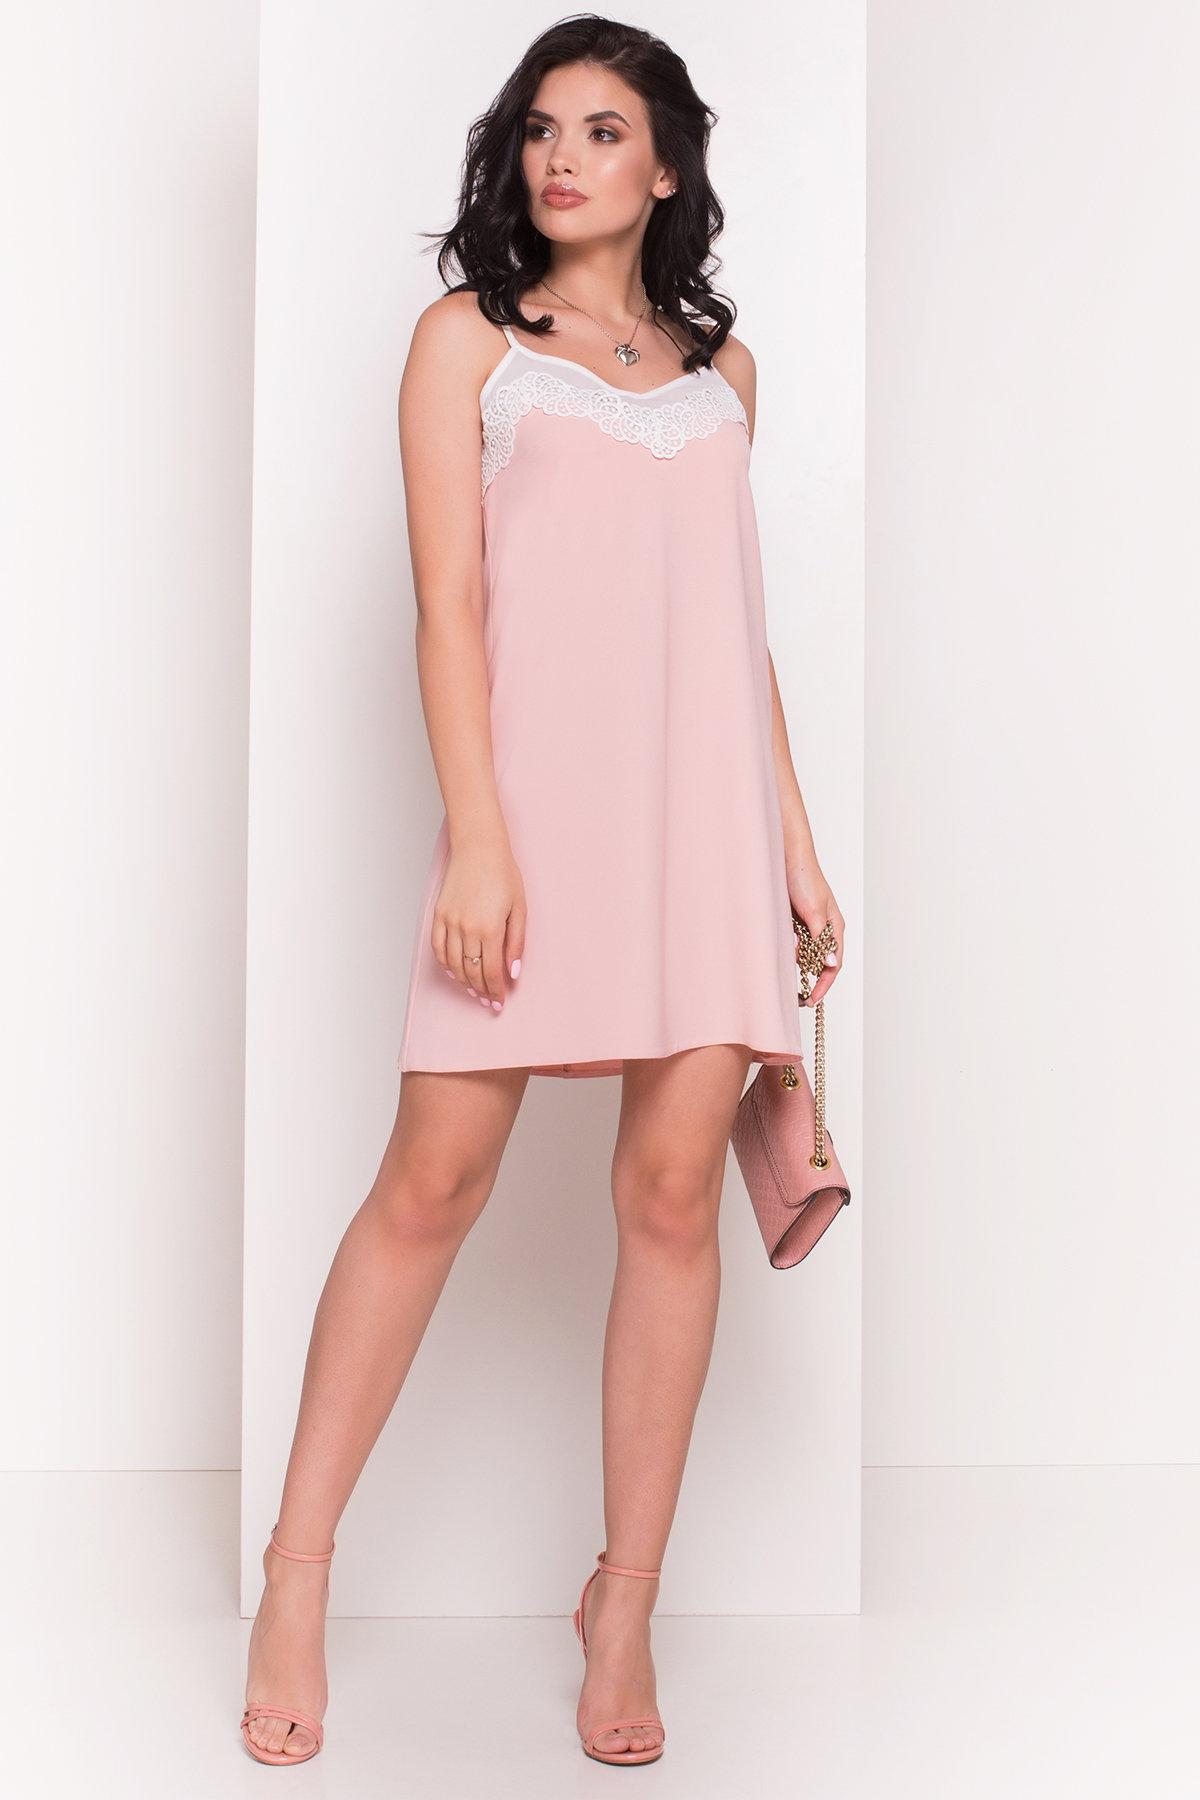 купить платье в Харькове Платье Элиссон 5080